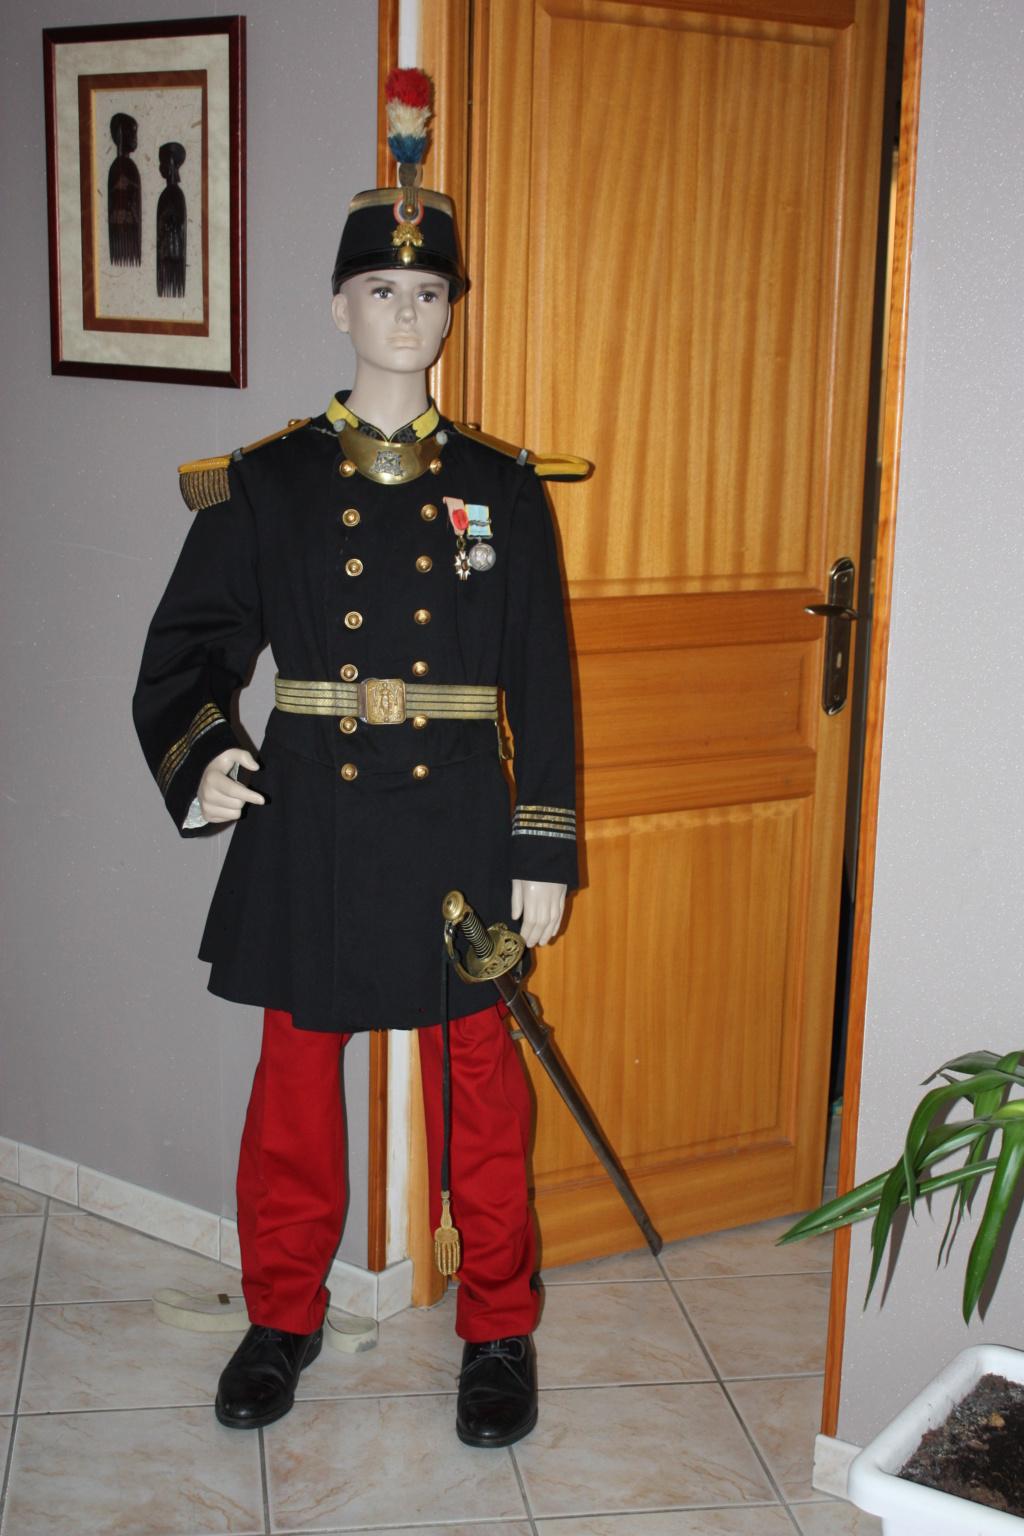 l'uniforme 1872 de mon arrière arrière grand père  - Page 2 Unifor10